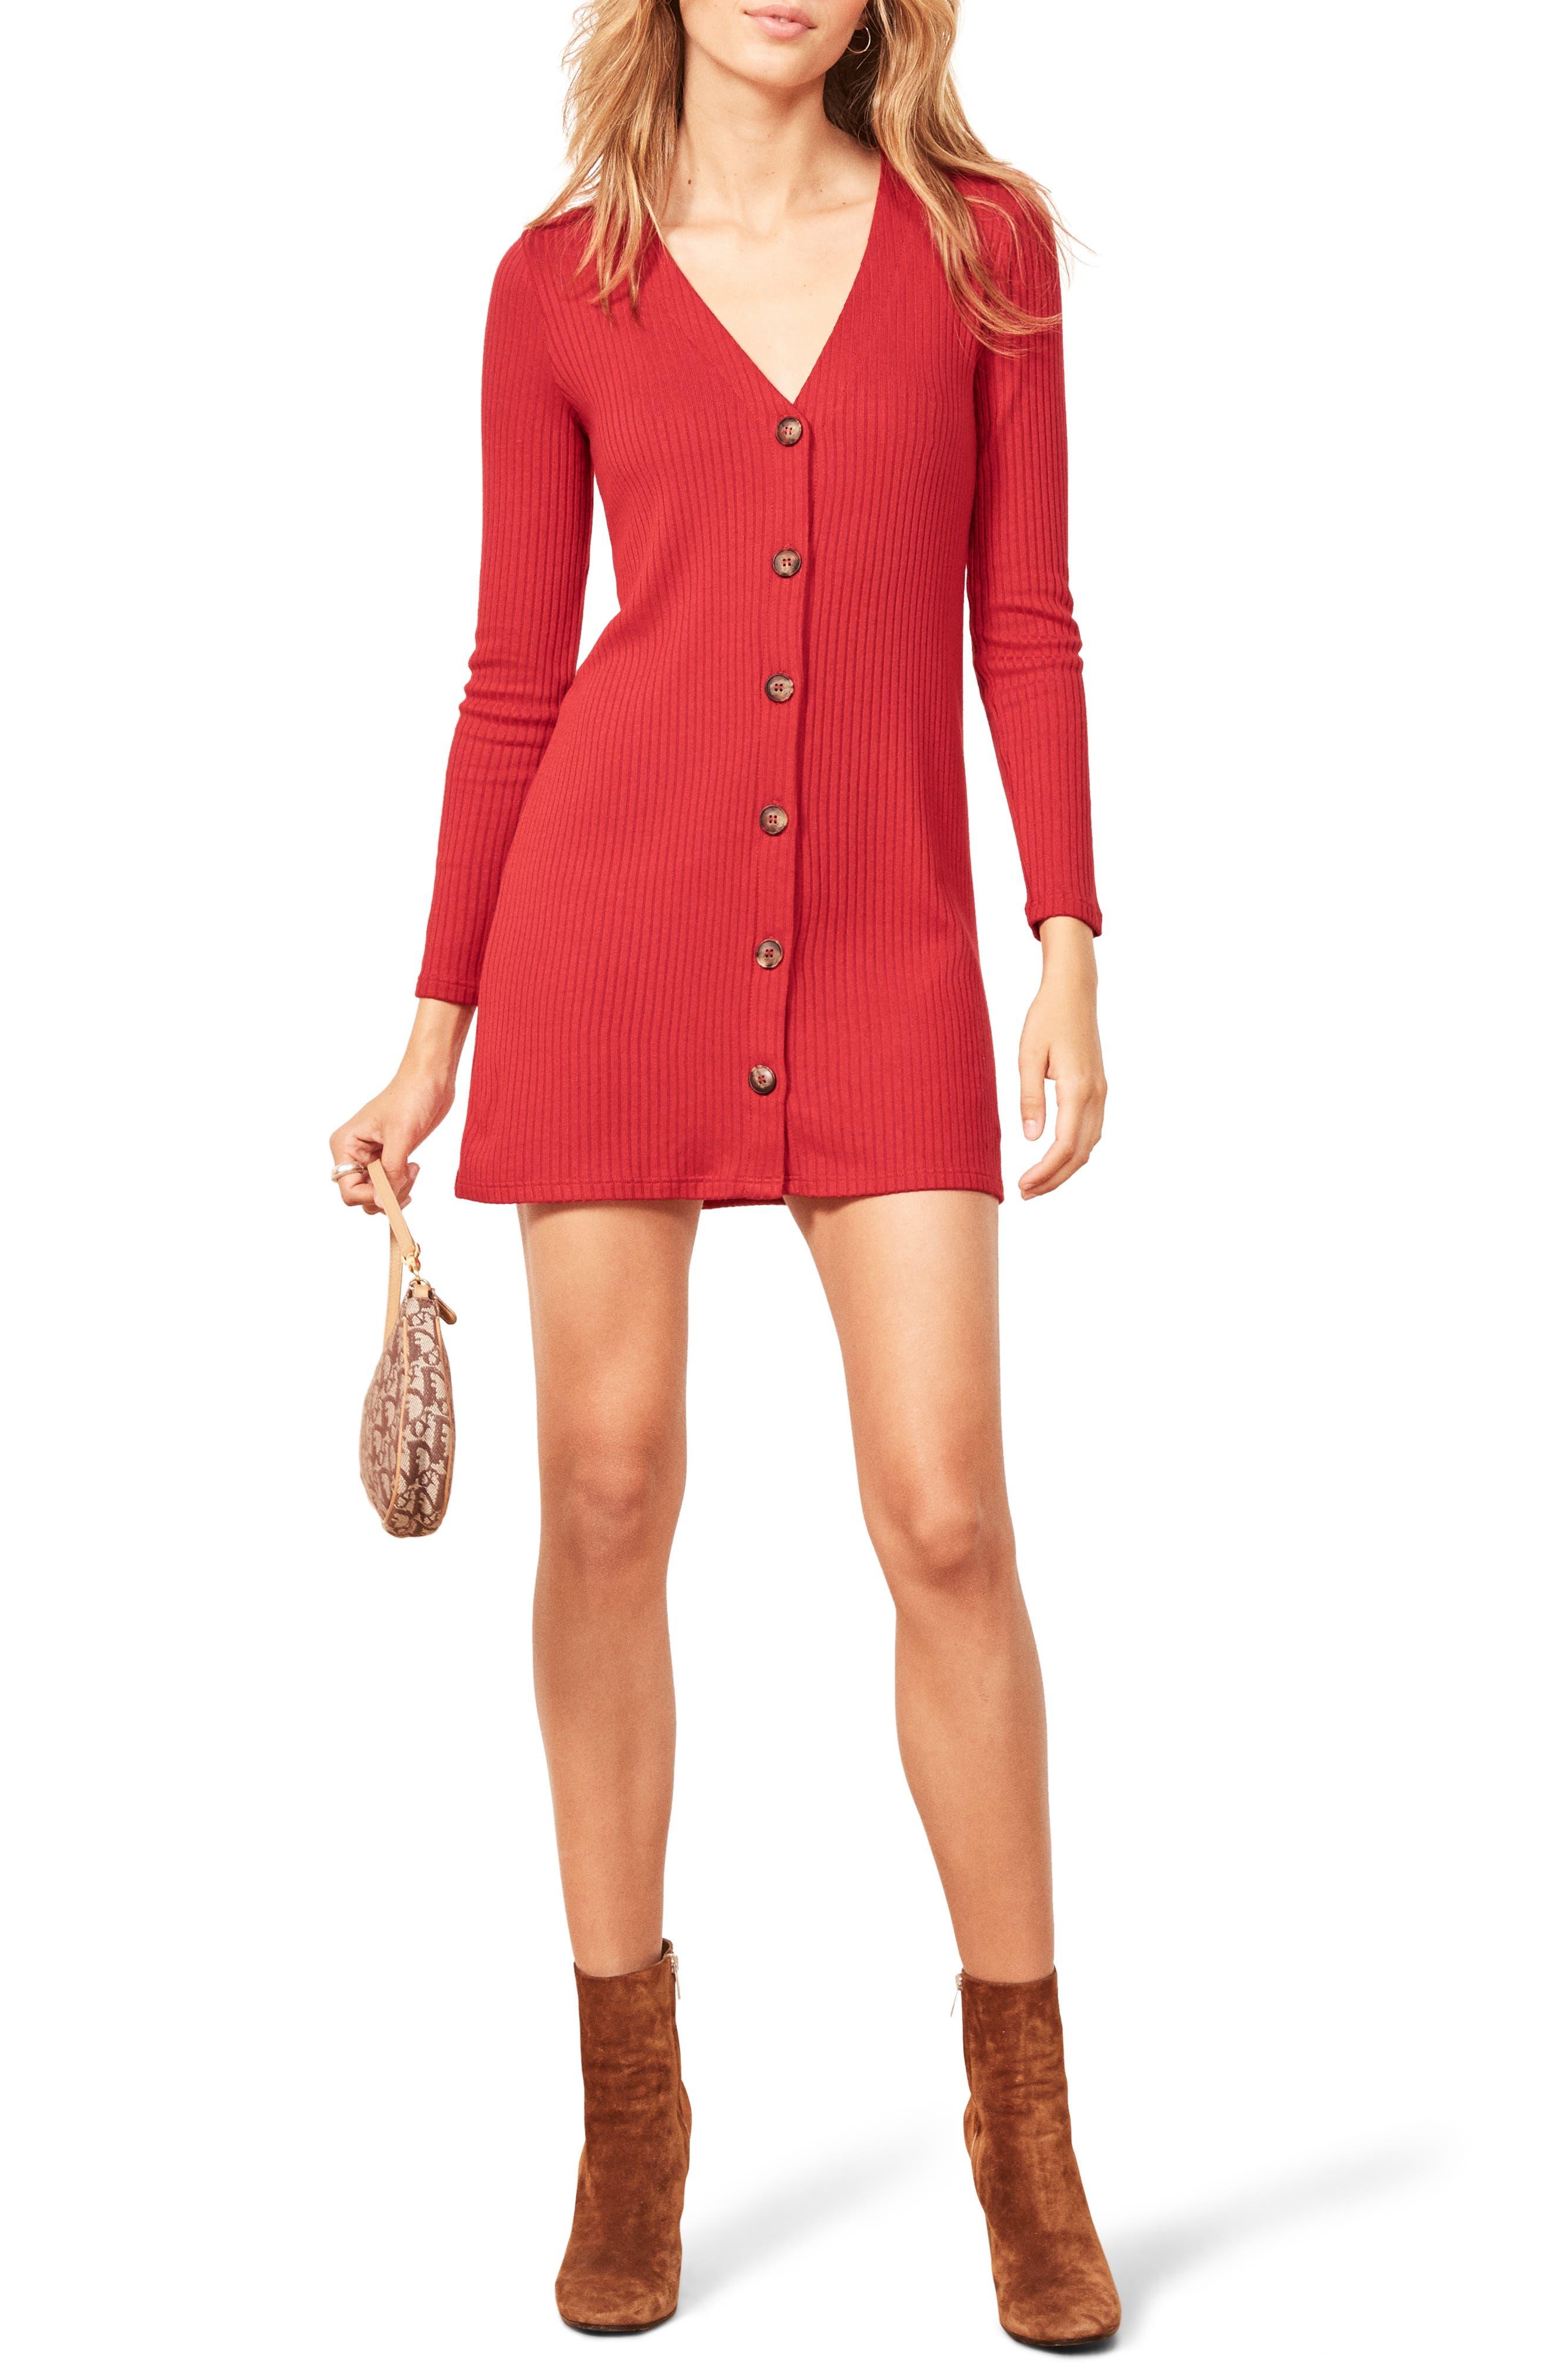 552155db854 Reformation Agatha Dress